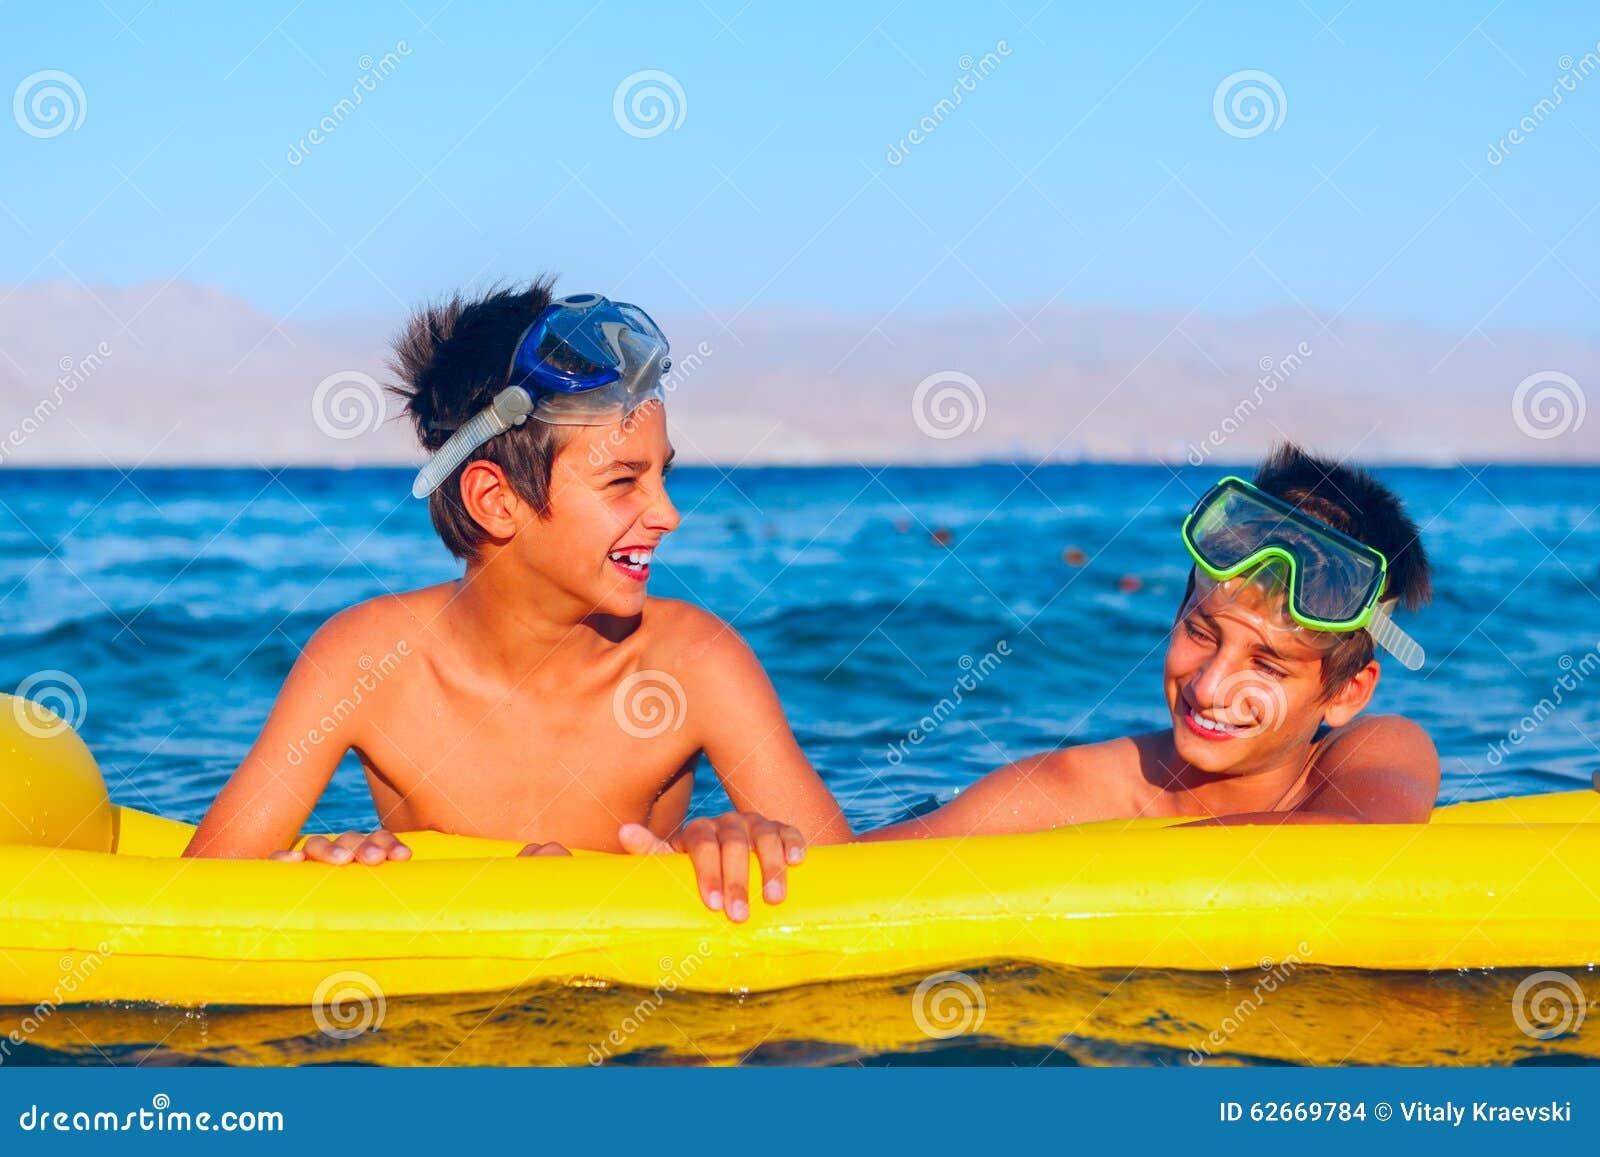 Deux garçons apprécient leur temps sur la plage